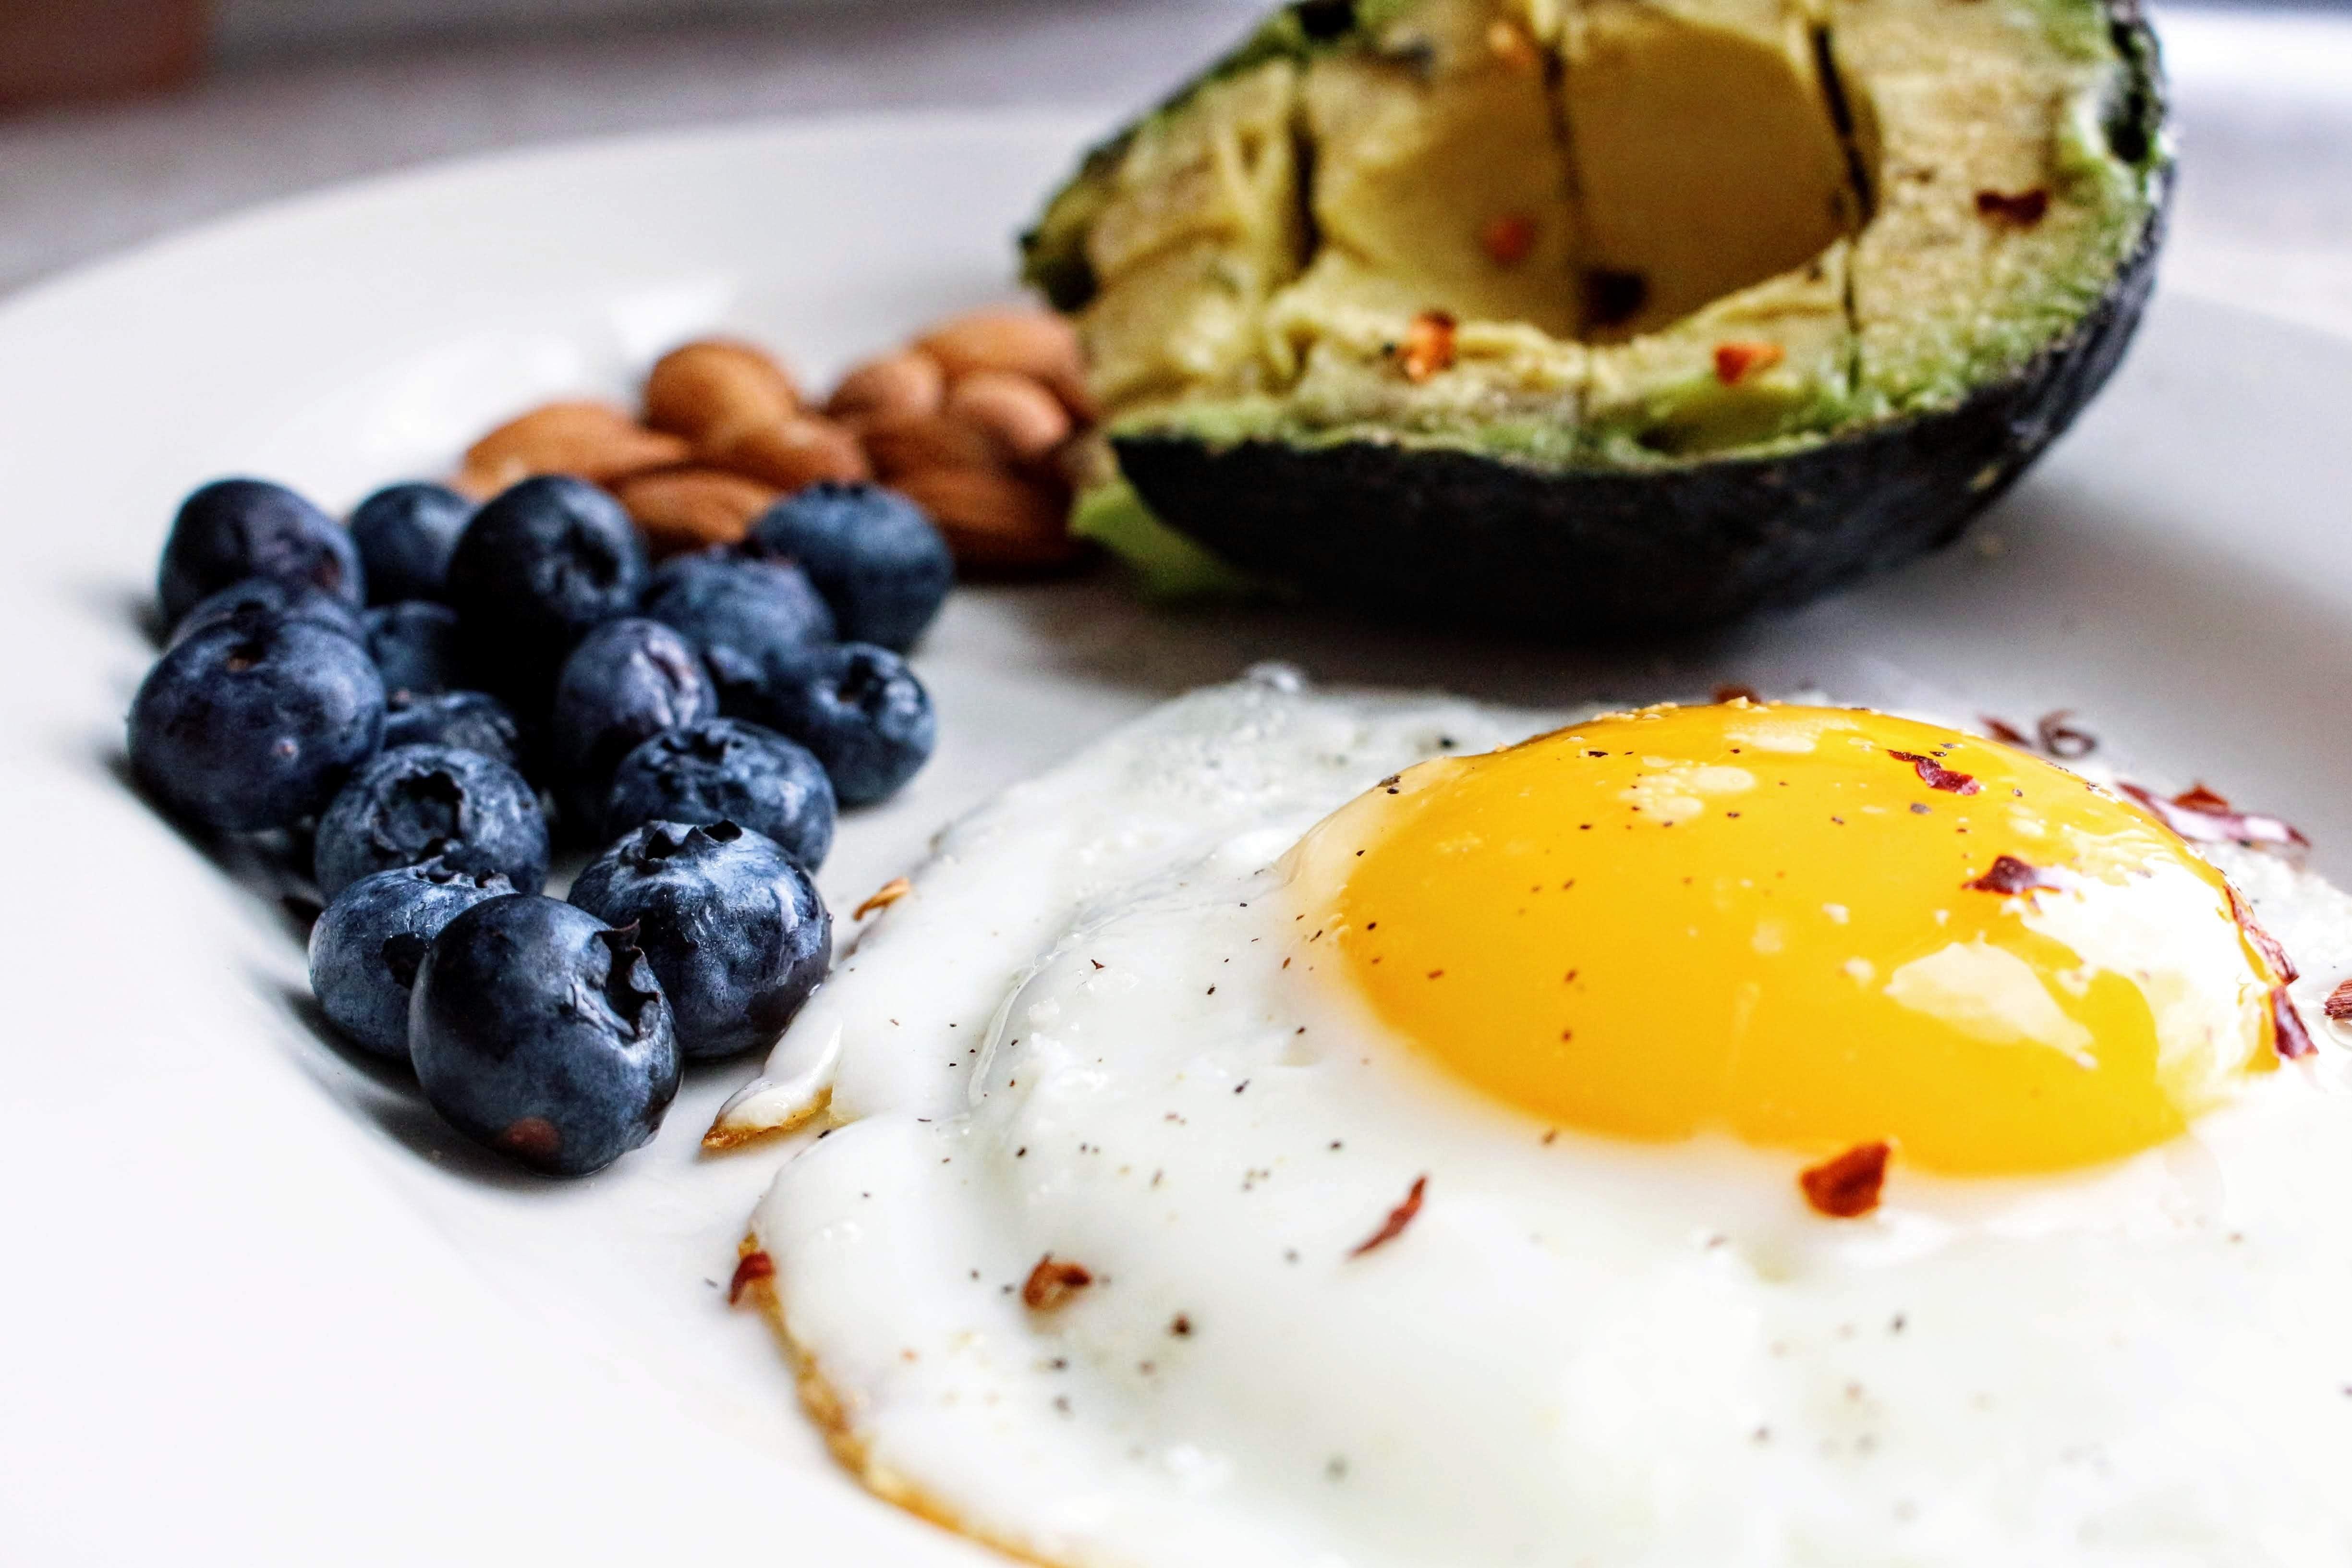 egg-near-blueberries-1305063